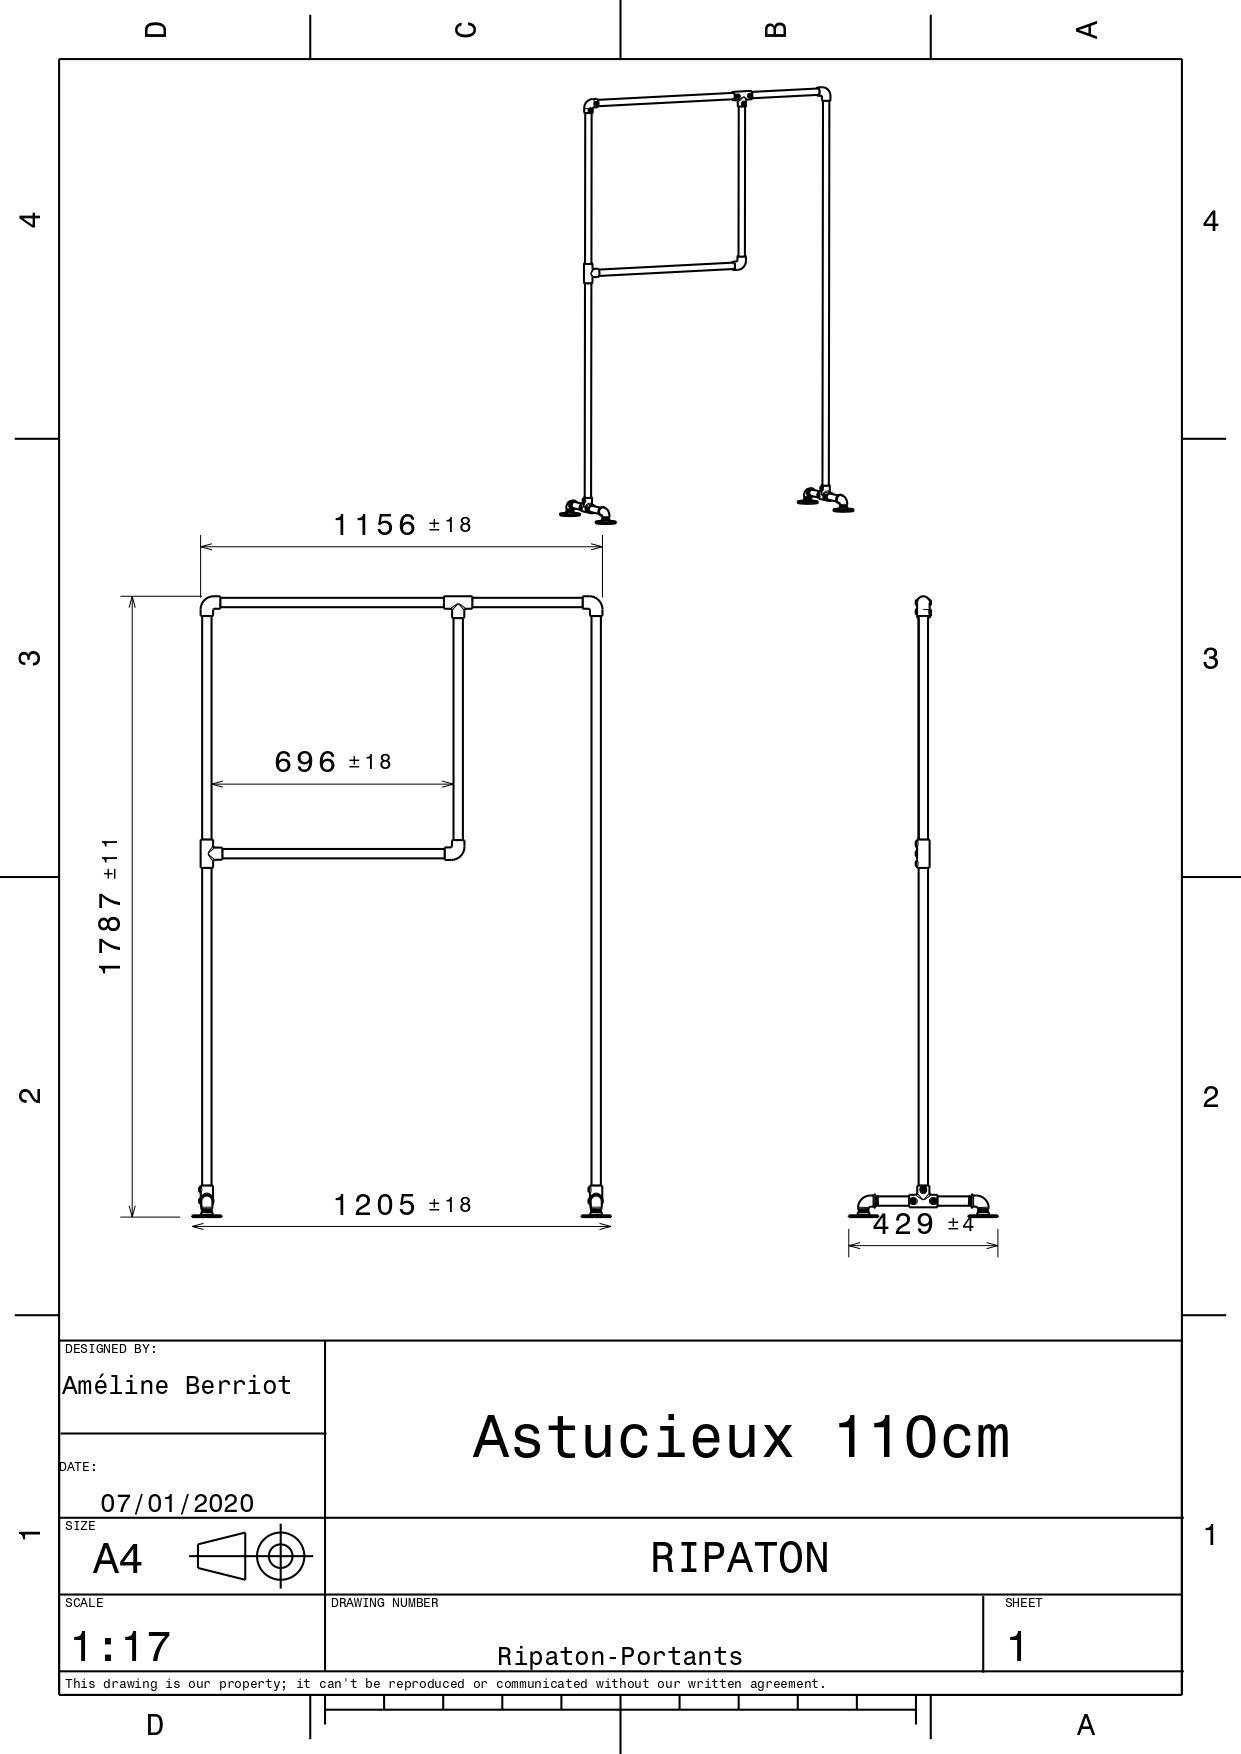 Plan technique pour l'astucieux 110 cm